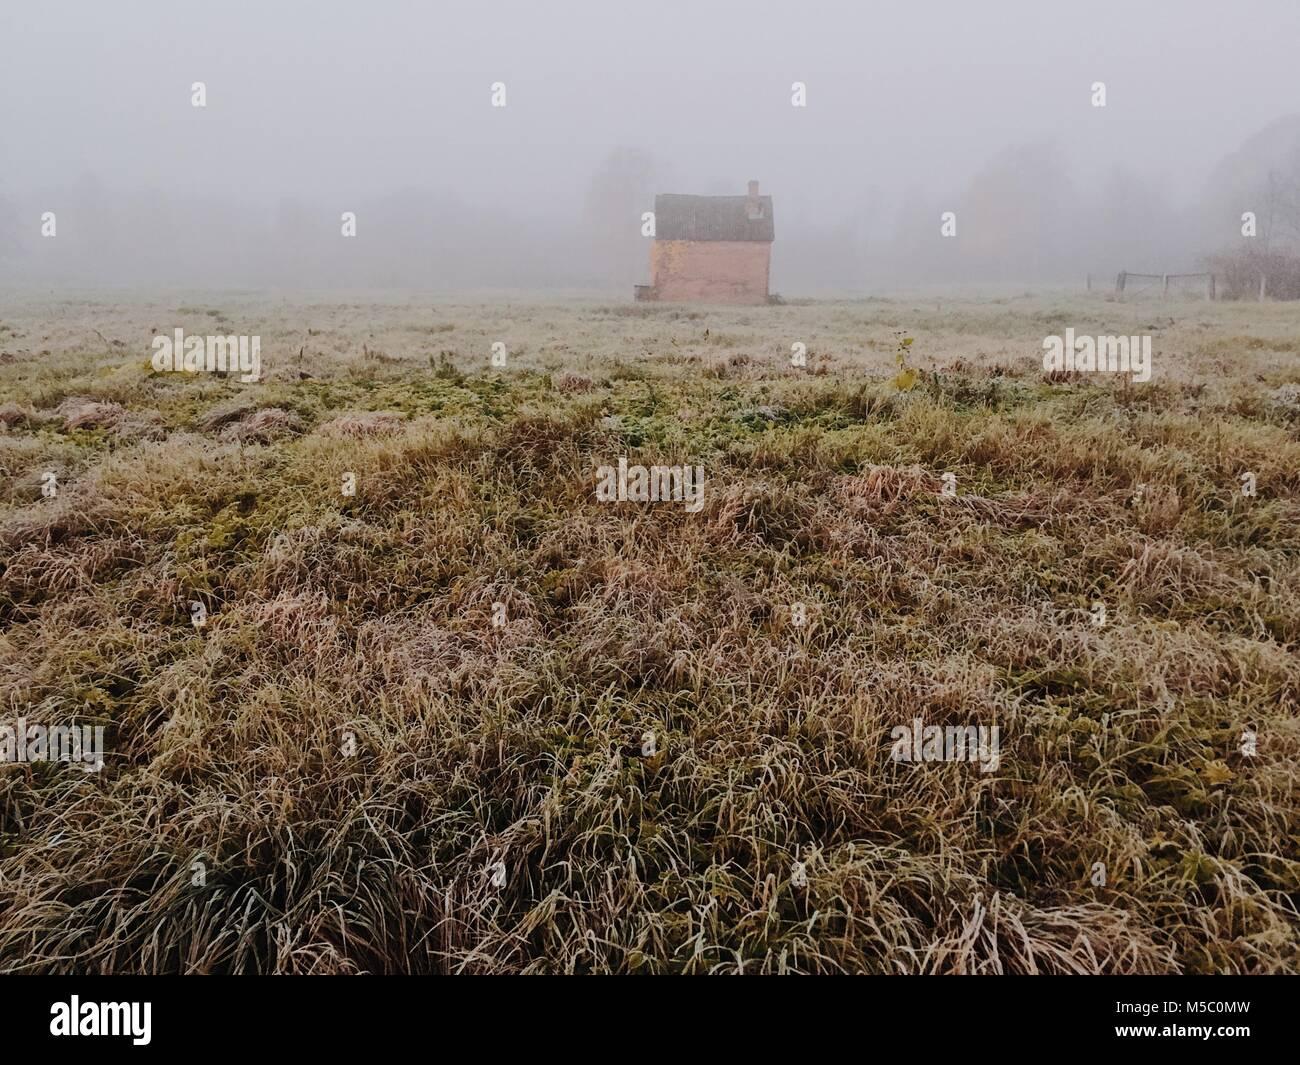 Campo de hierba. Hermosa mañana neblinosa escena con un pequeño cobertizo. Imagen De Stock